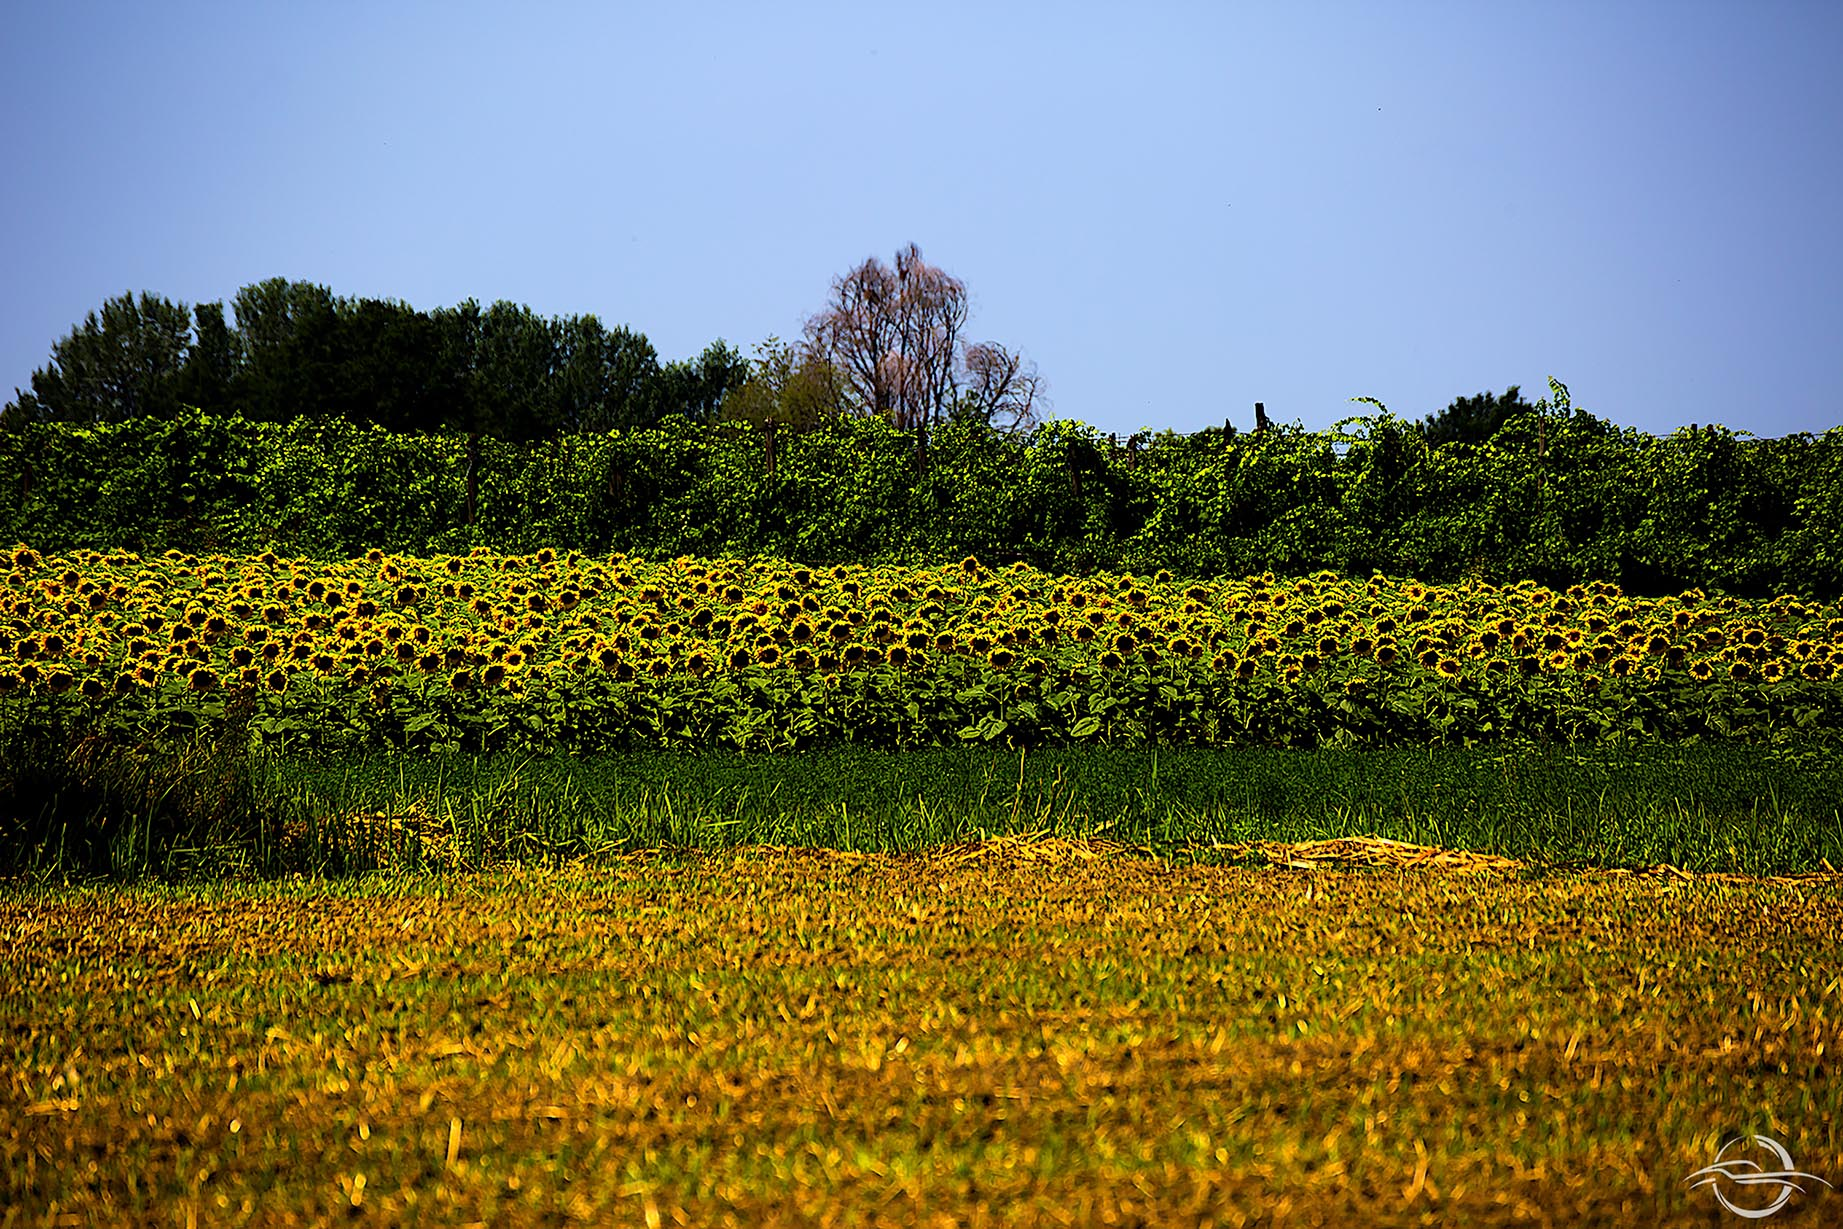 Campo di girasoli a Modena